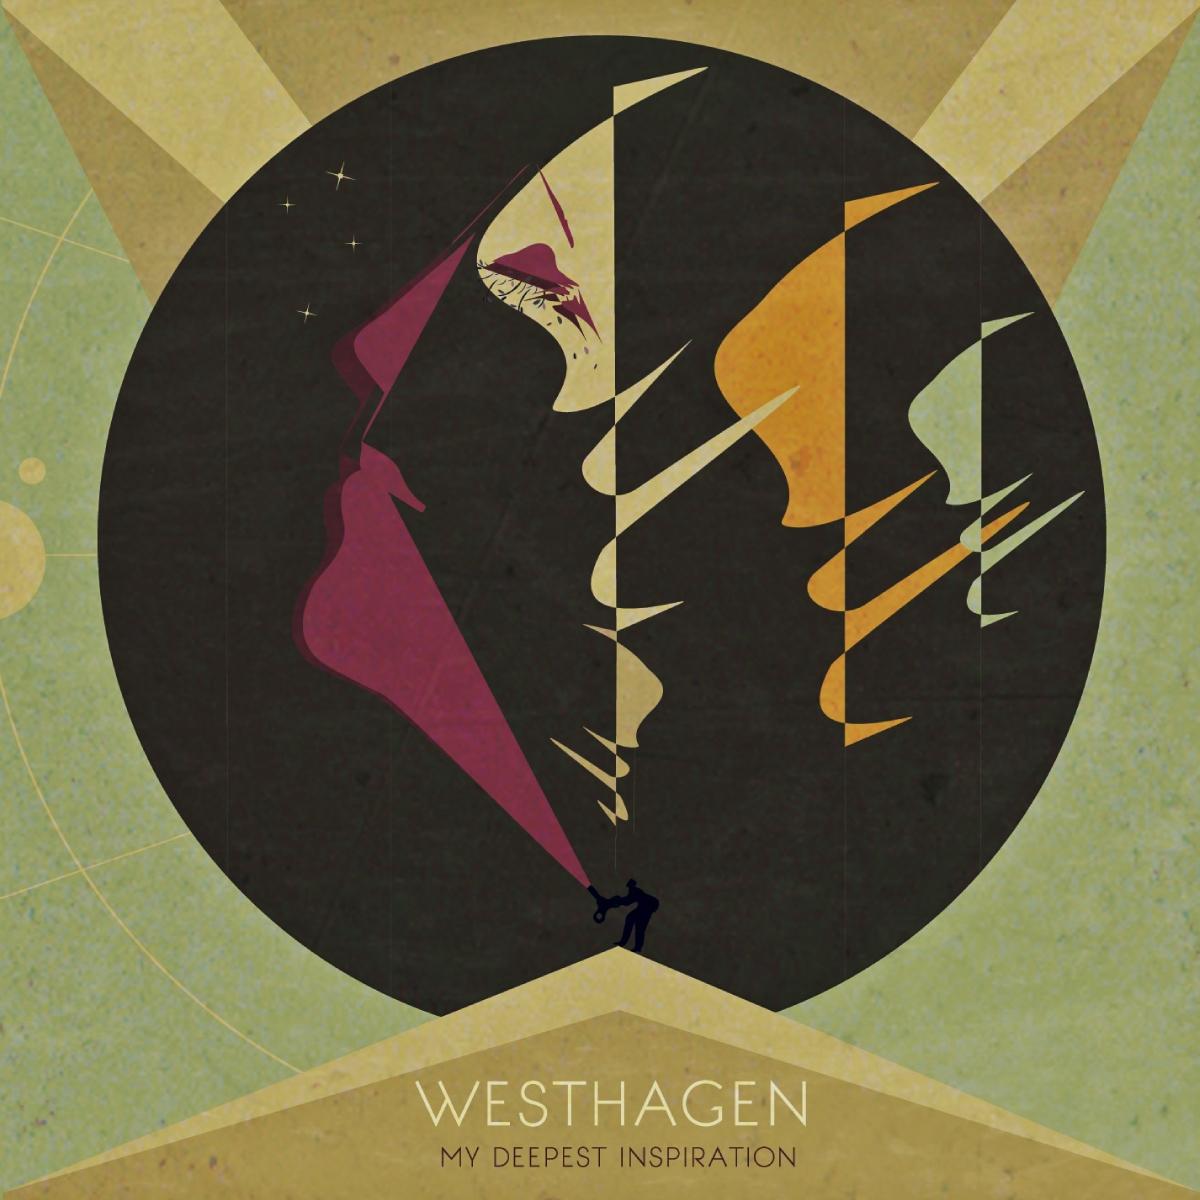 Westhagen